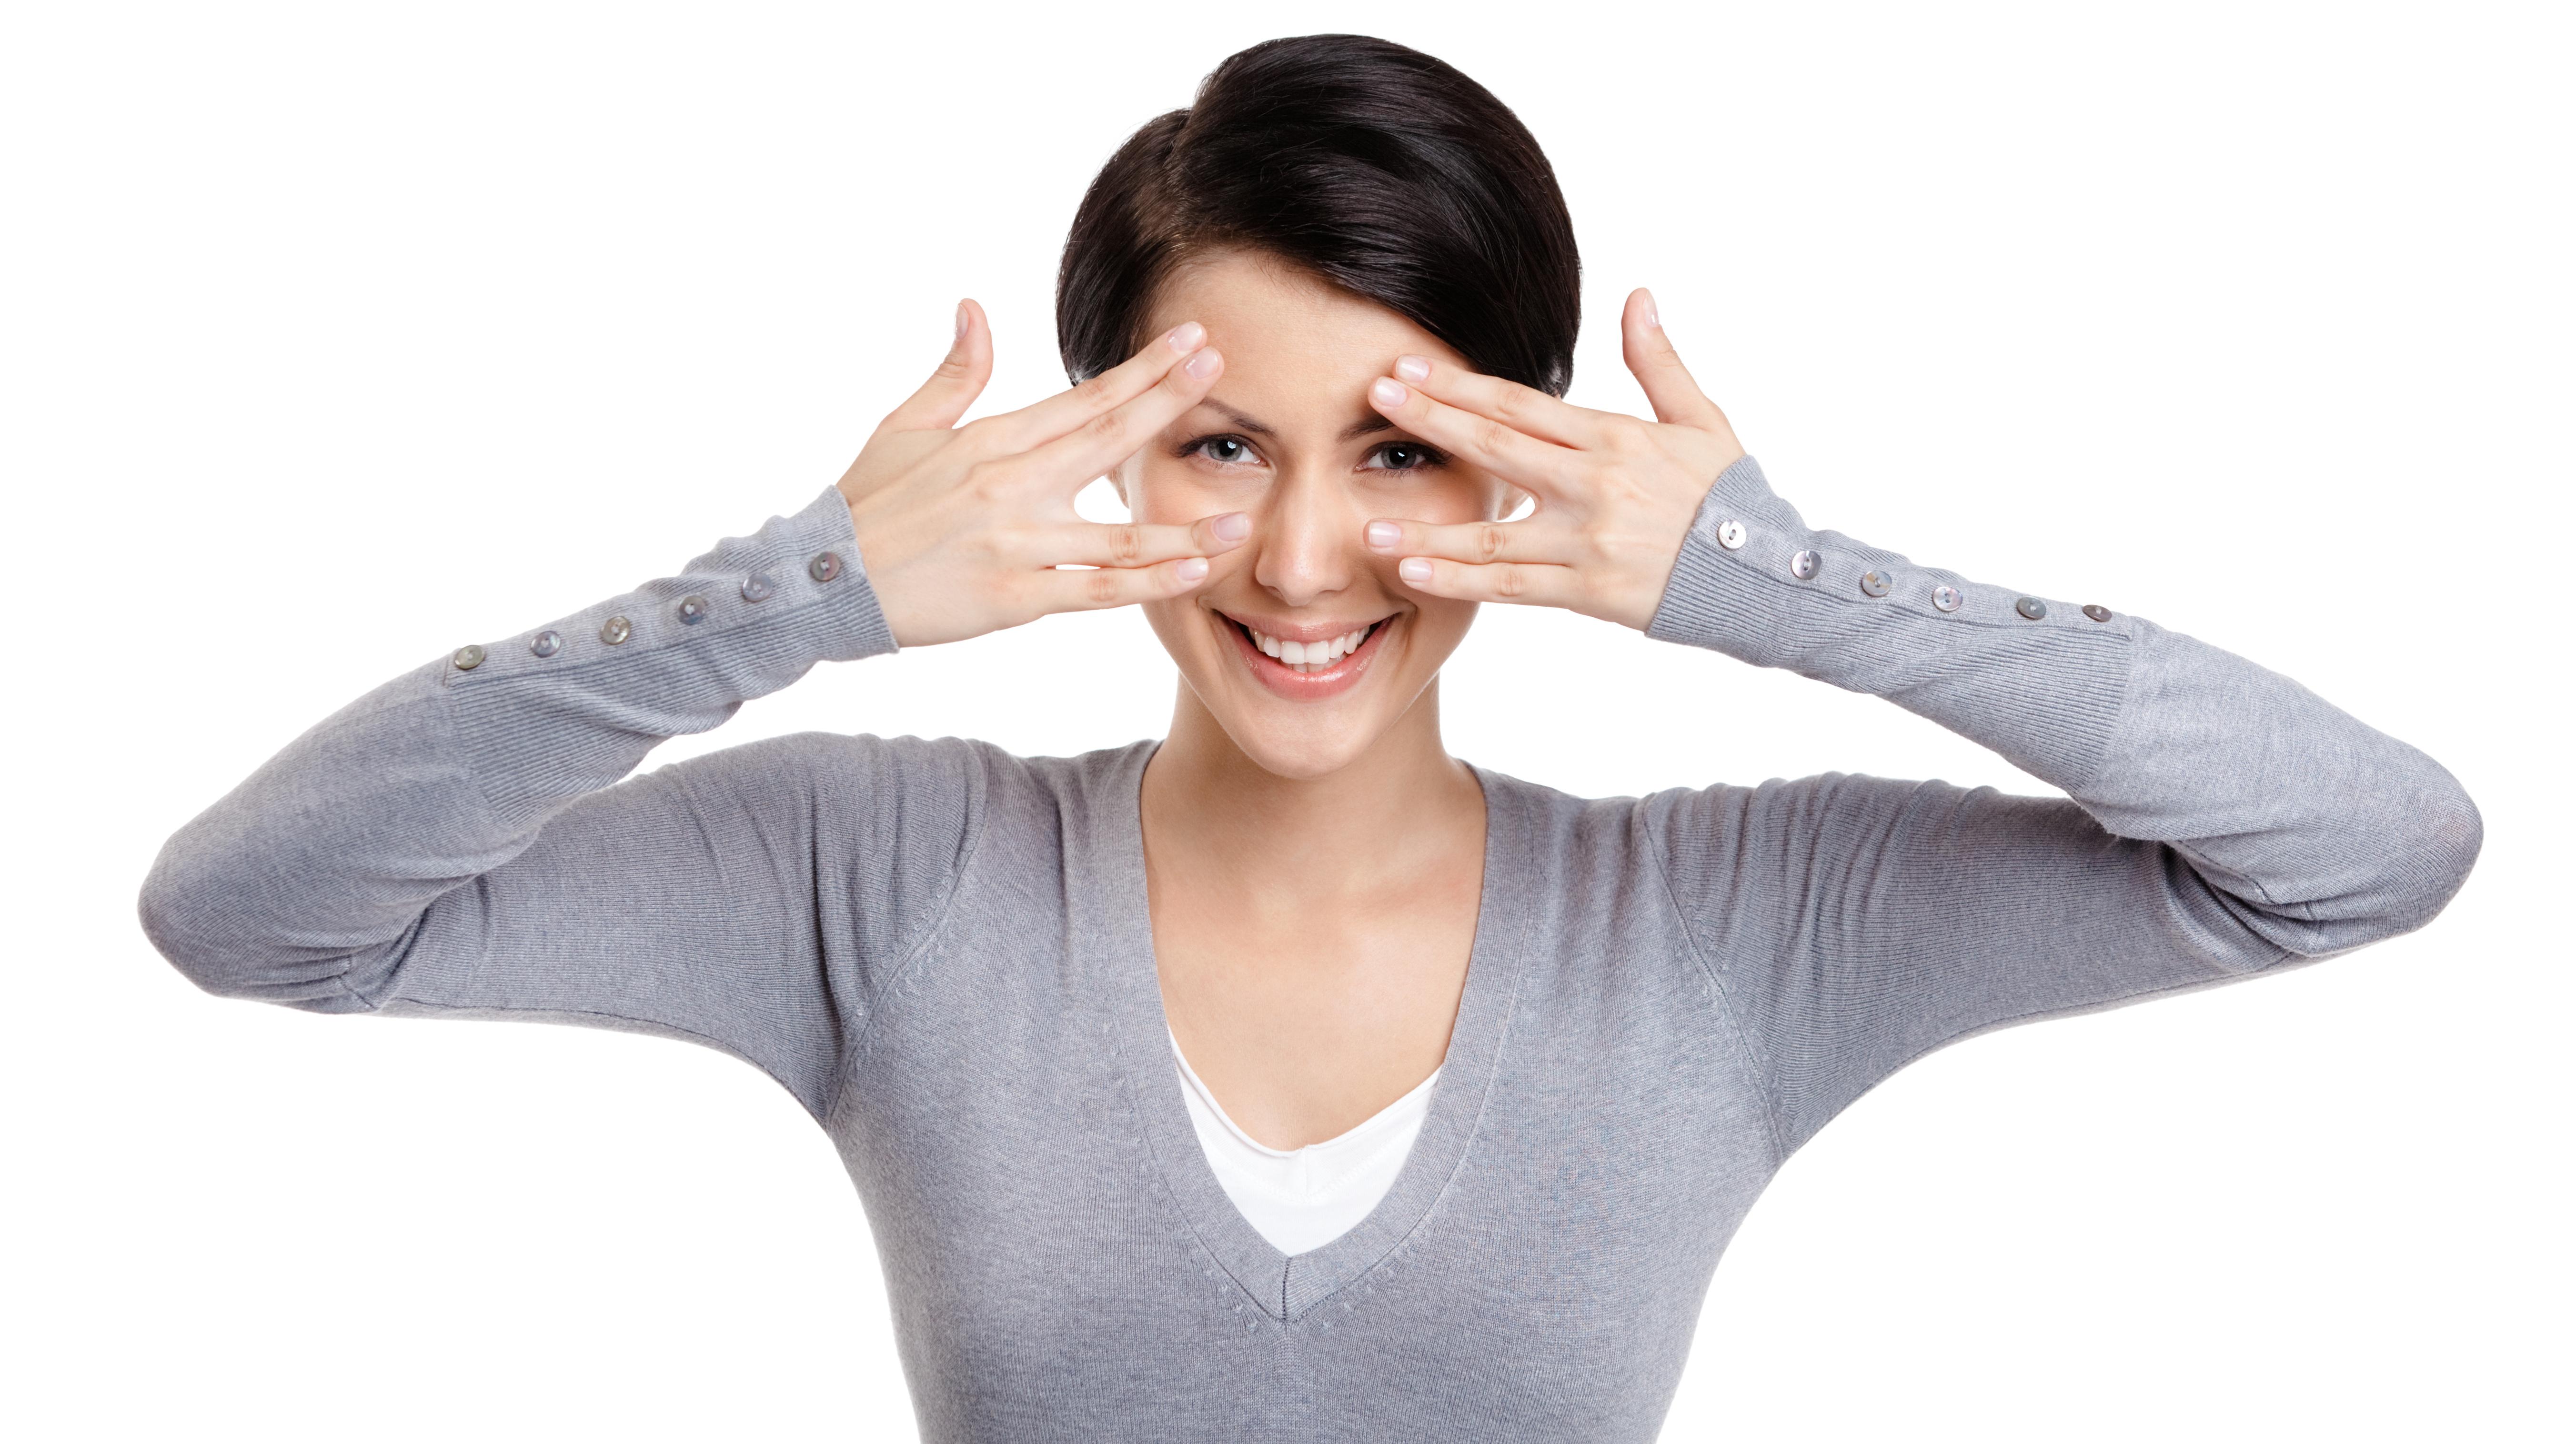 exercițiile oculare vor îmbunătăți vederea restaurare viziune pc